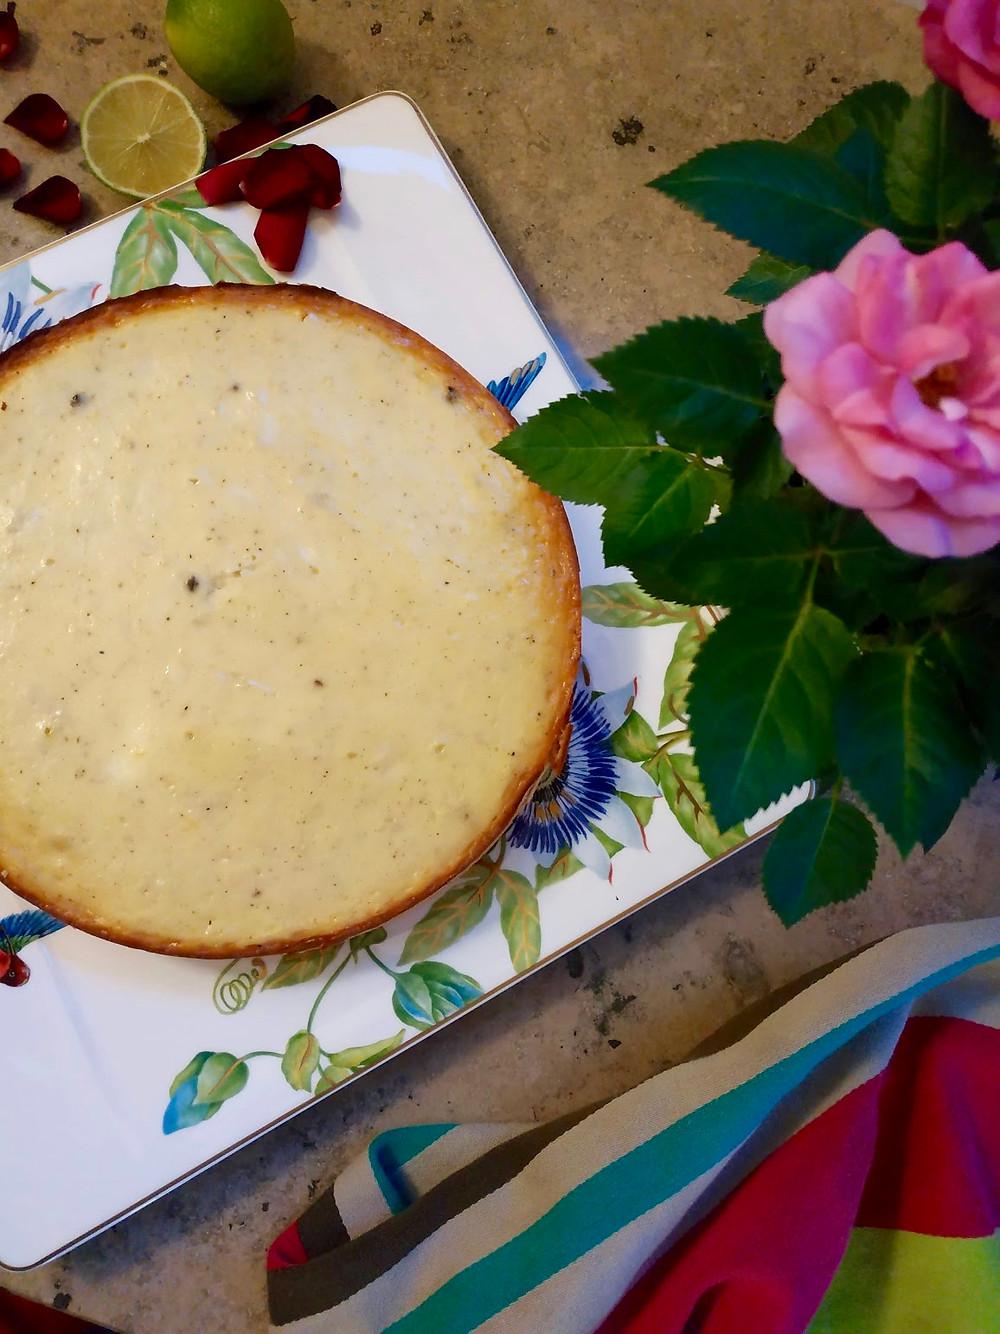 Cheese Cake by einSteinLyon